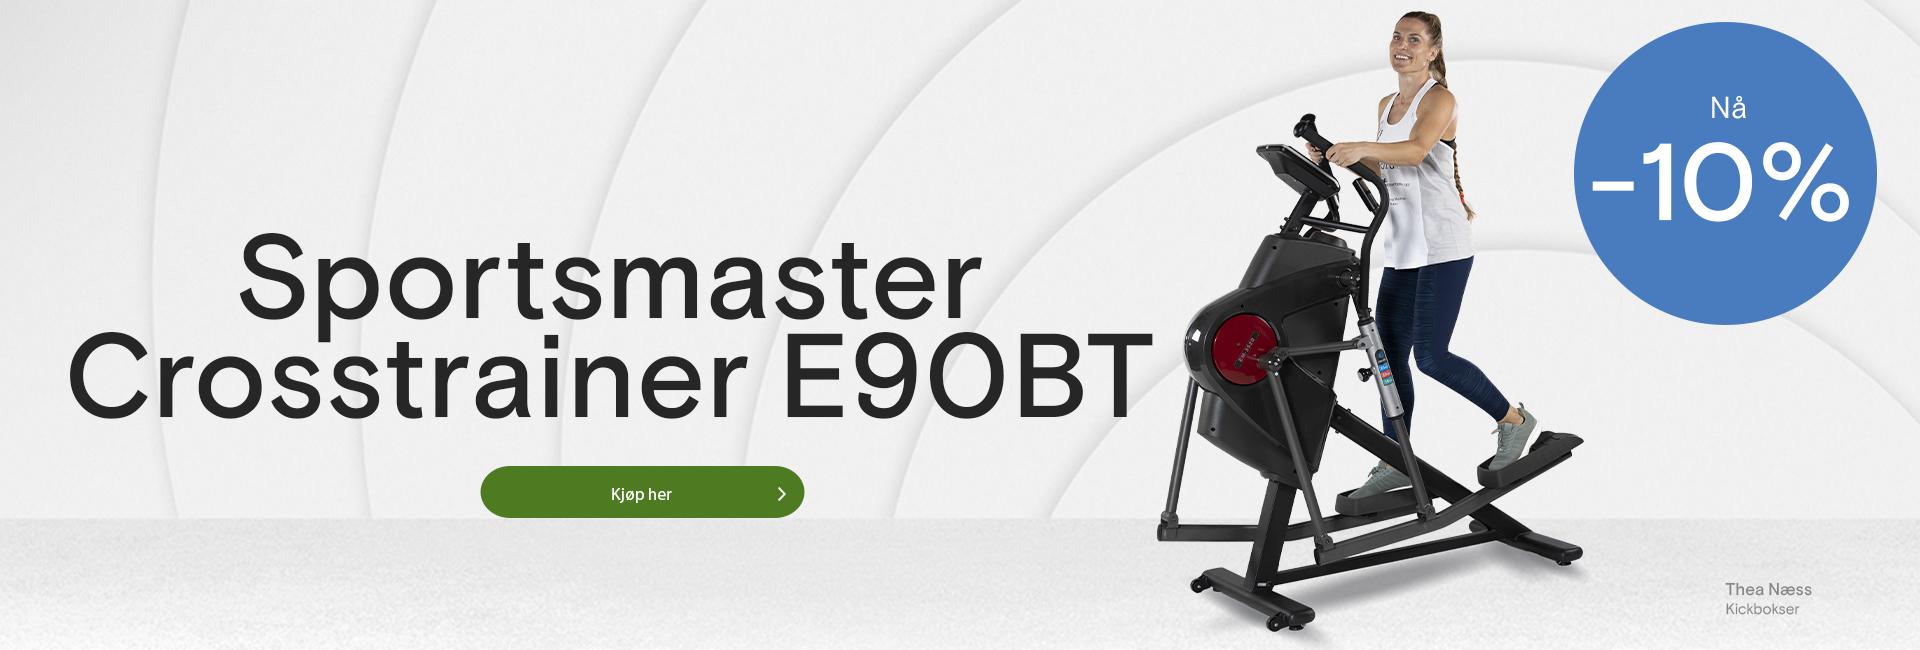 Sportsmaster crosstrainer E90BT